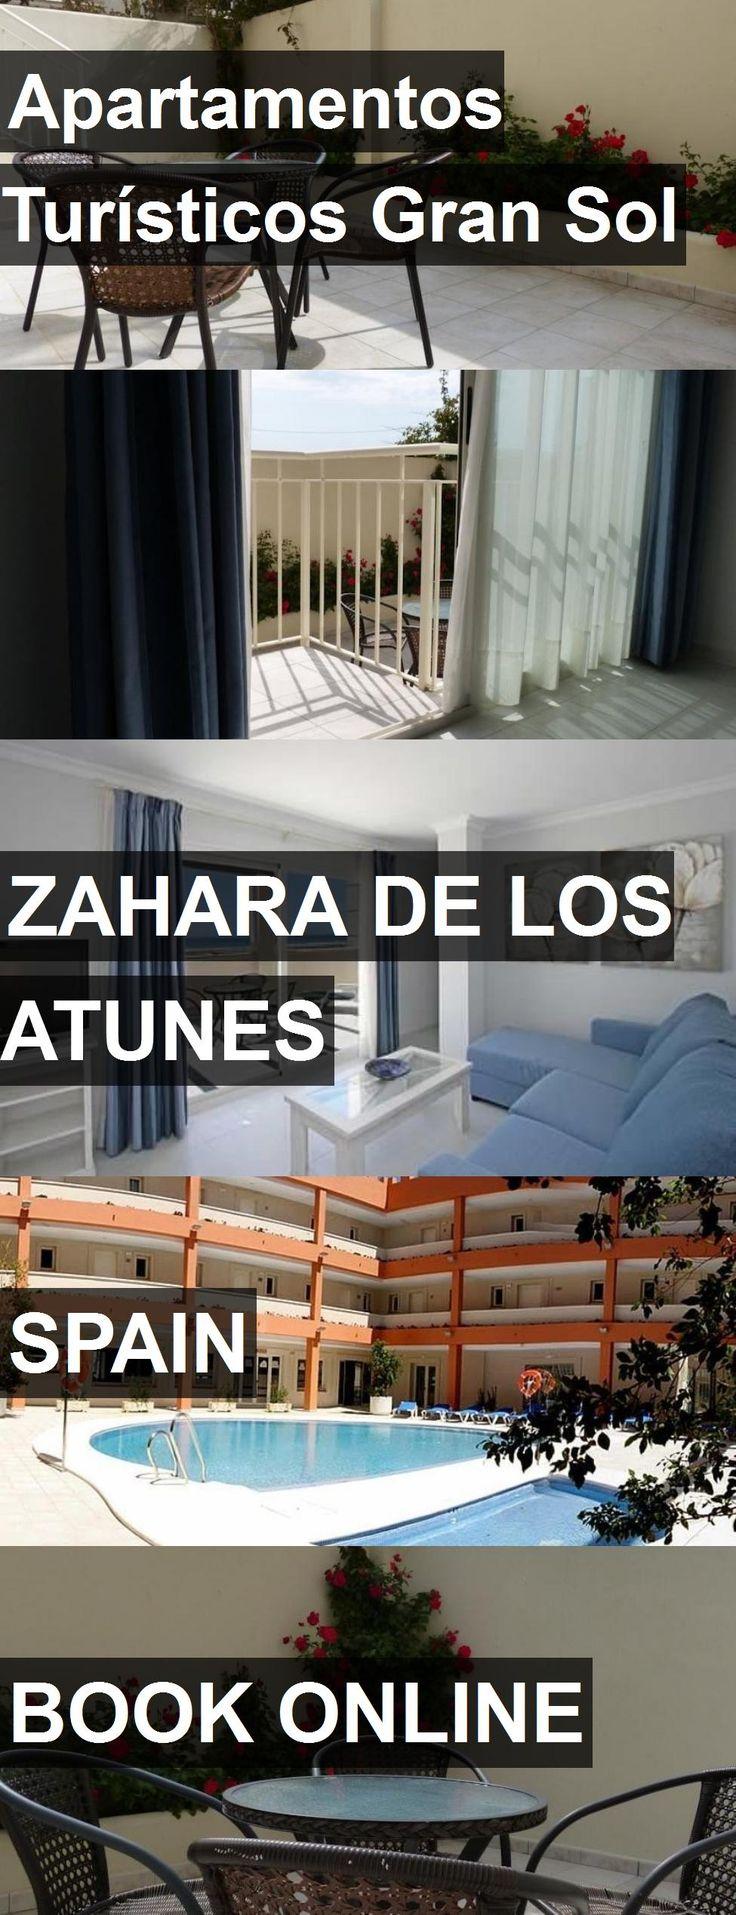 Hotel Apartamentos Turísticos Gran Sol in Zahara de los Atunes, Spain. For more information, photos, reviews and best prices please follow the link. #Spain #ZaharadelosAtunes #ApartamentosTurísticosGranSol #hotel #travel #vacation